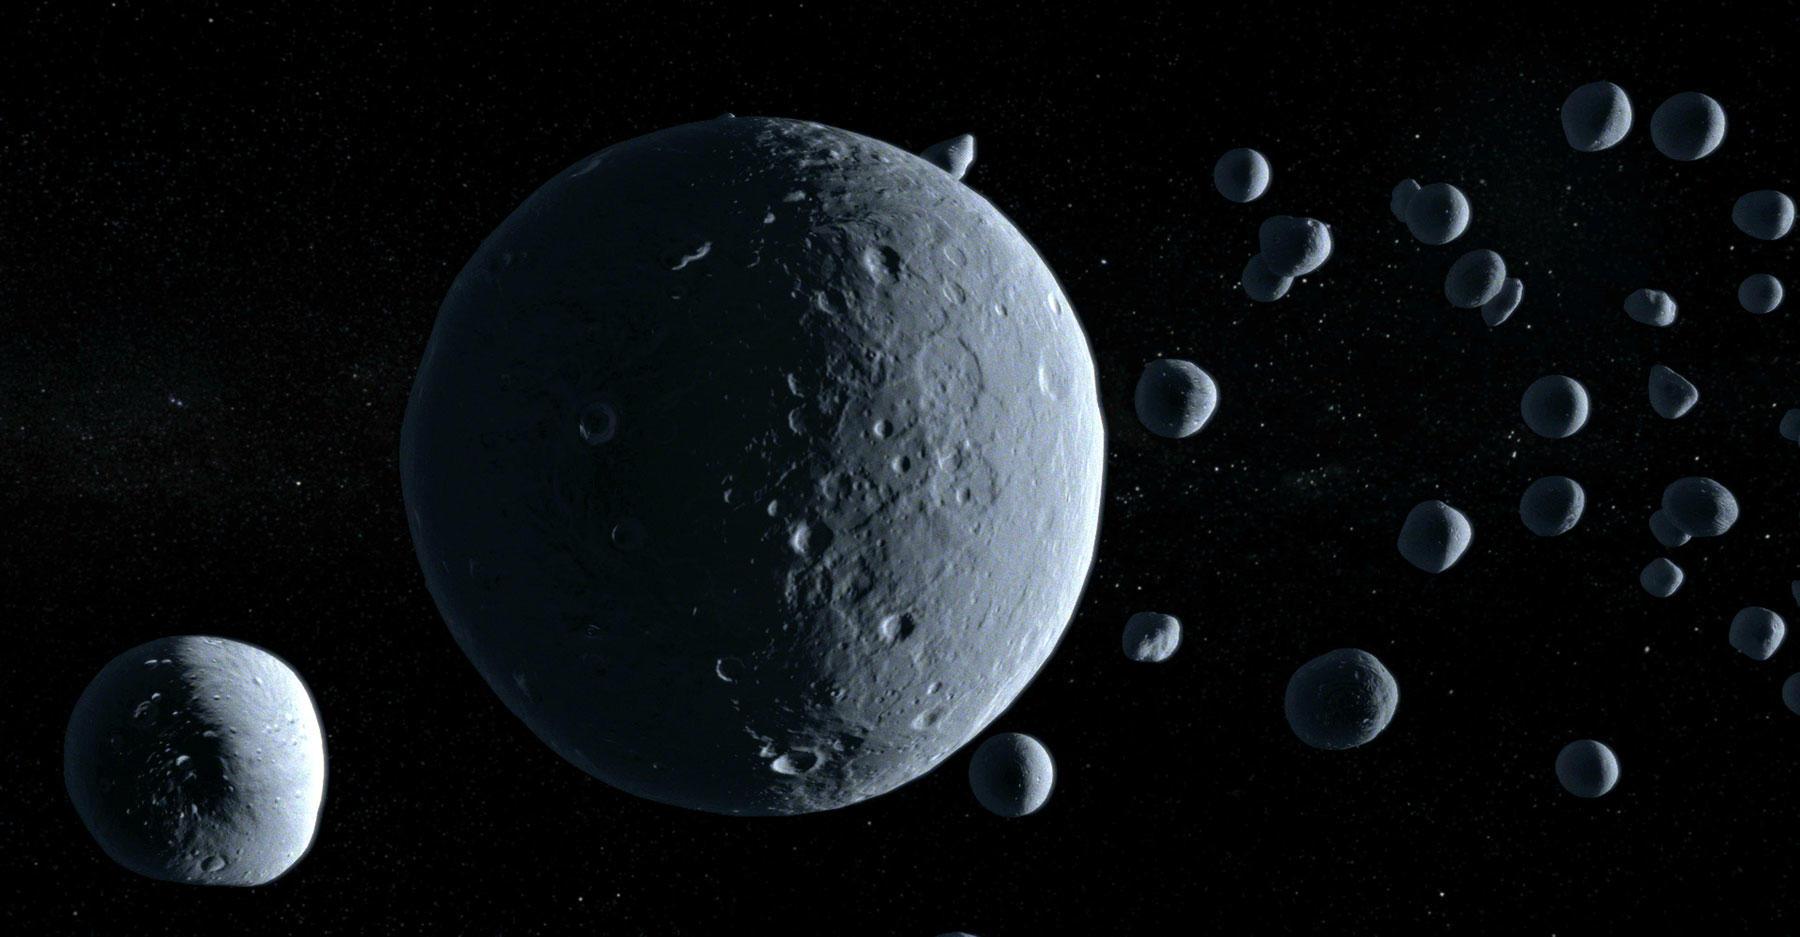 The Kuiper belt.